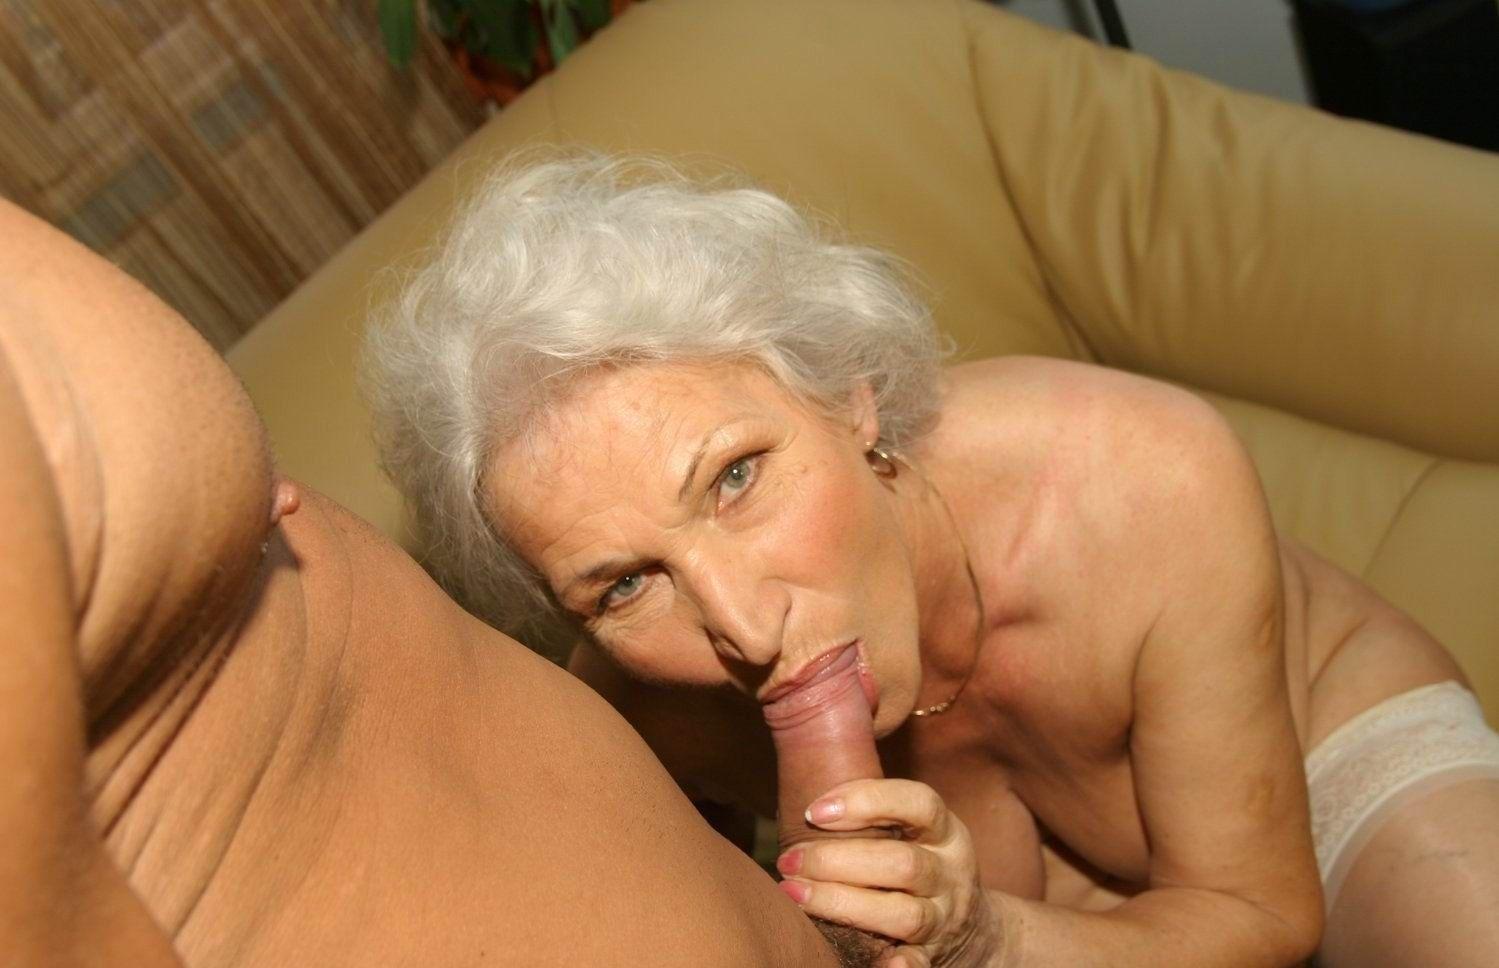 claudia nude schiffer blow job